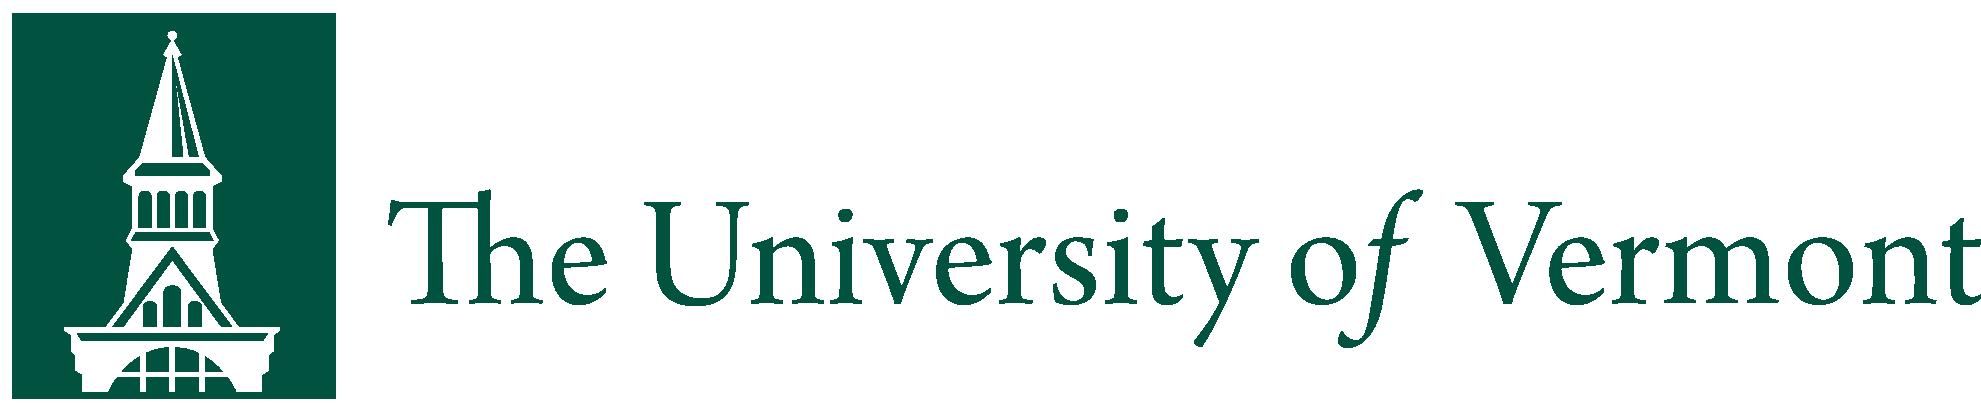 University of Vermont Logo [UVM] Download Vector.